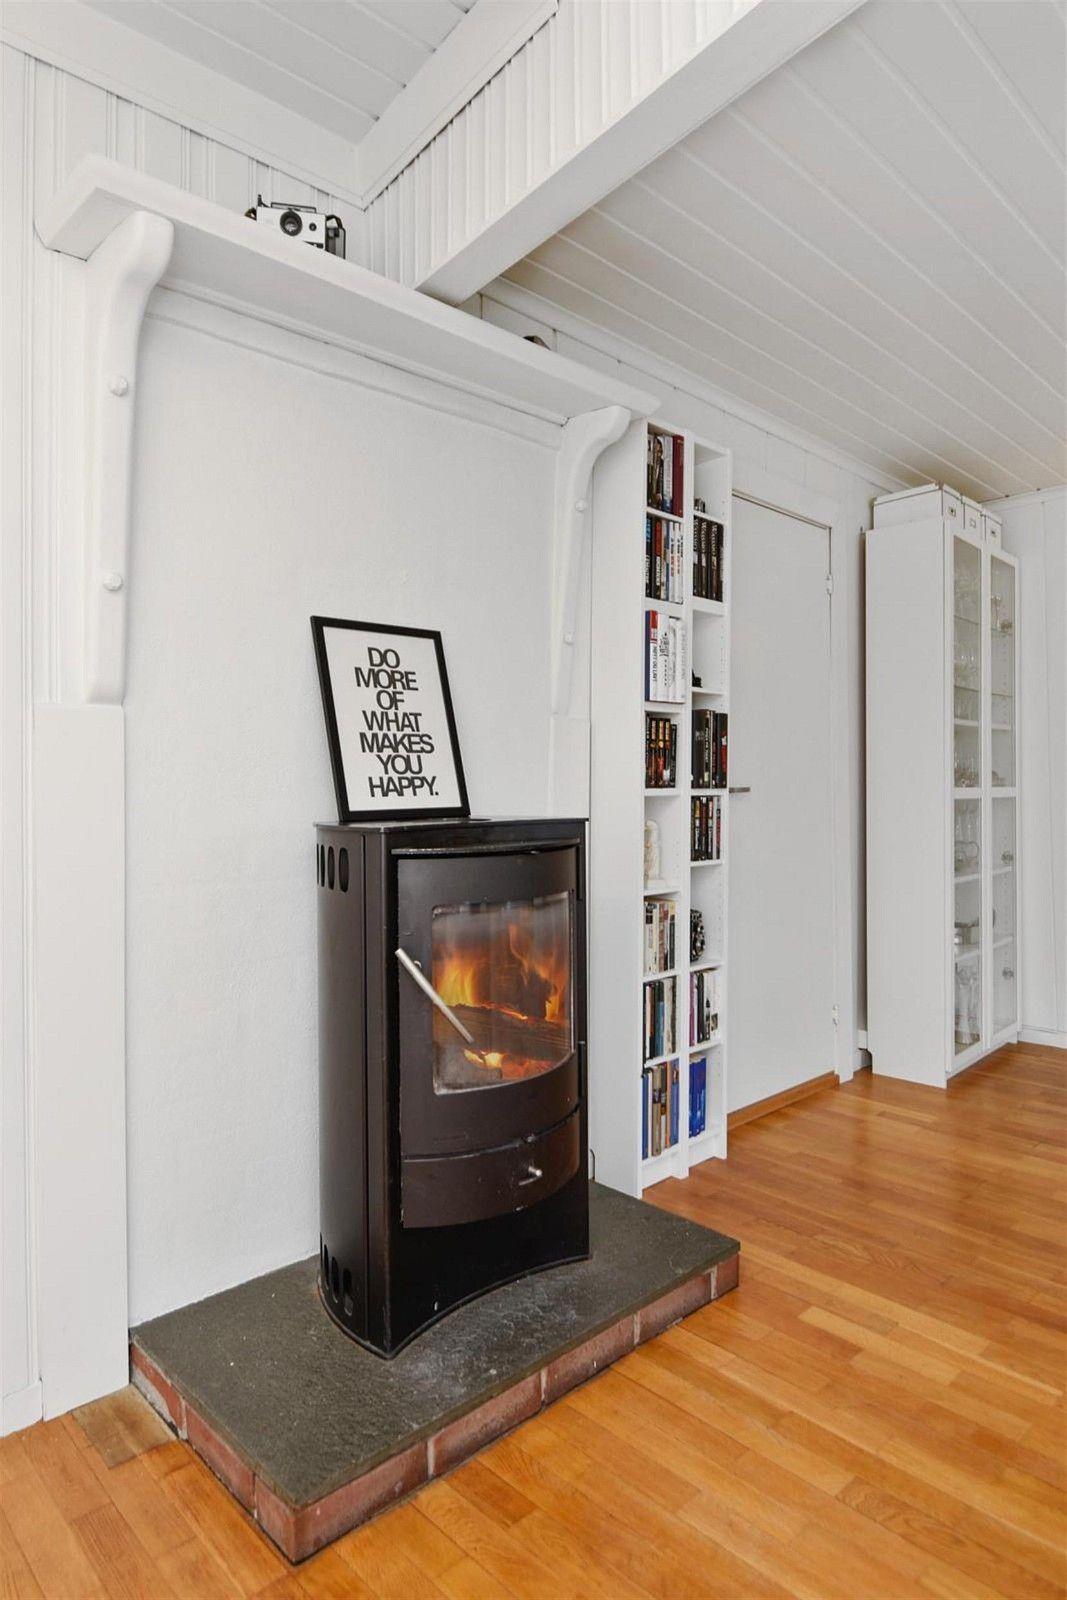 U. etasje/kjeller: Gang/omkledningsrom, bod og bad. 1 etasje: Entre/gang, kjøkken og stue. 2 etasje: Gang/kontor, alkove og 2 soverom.